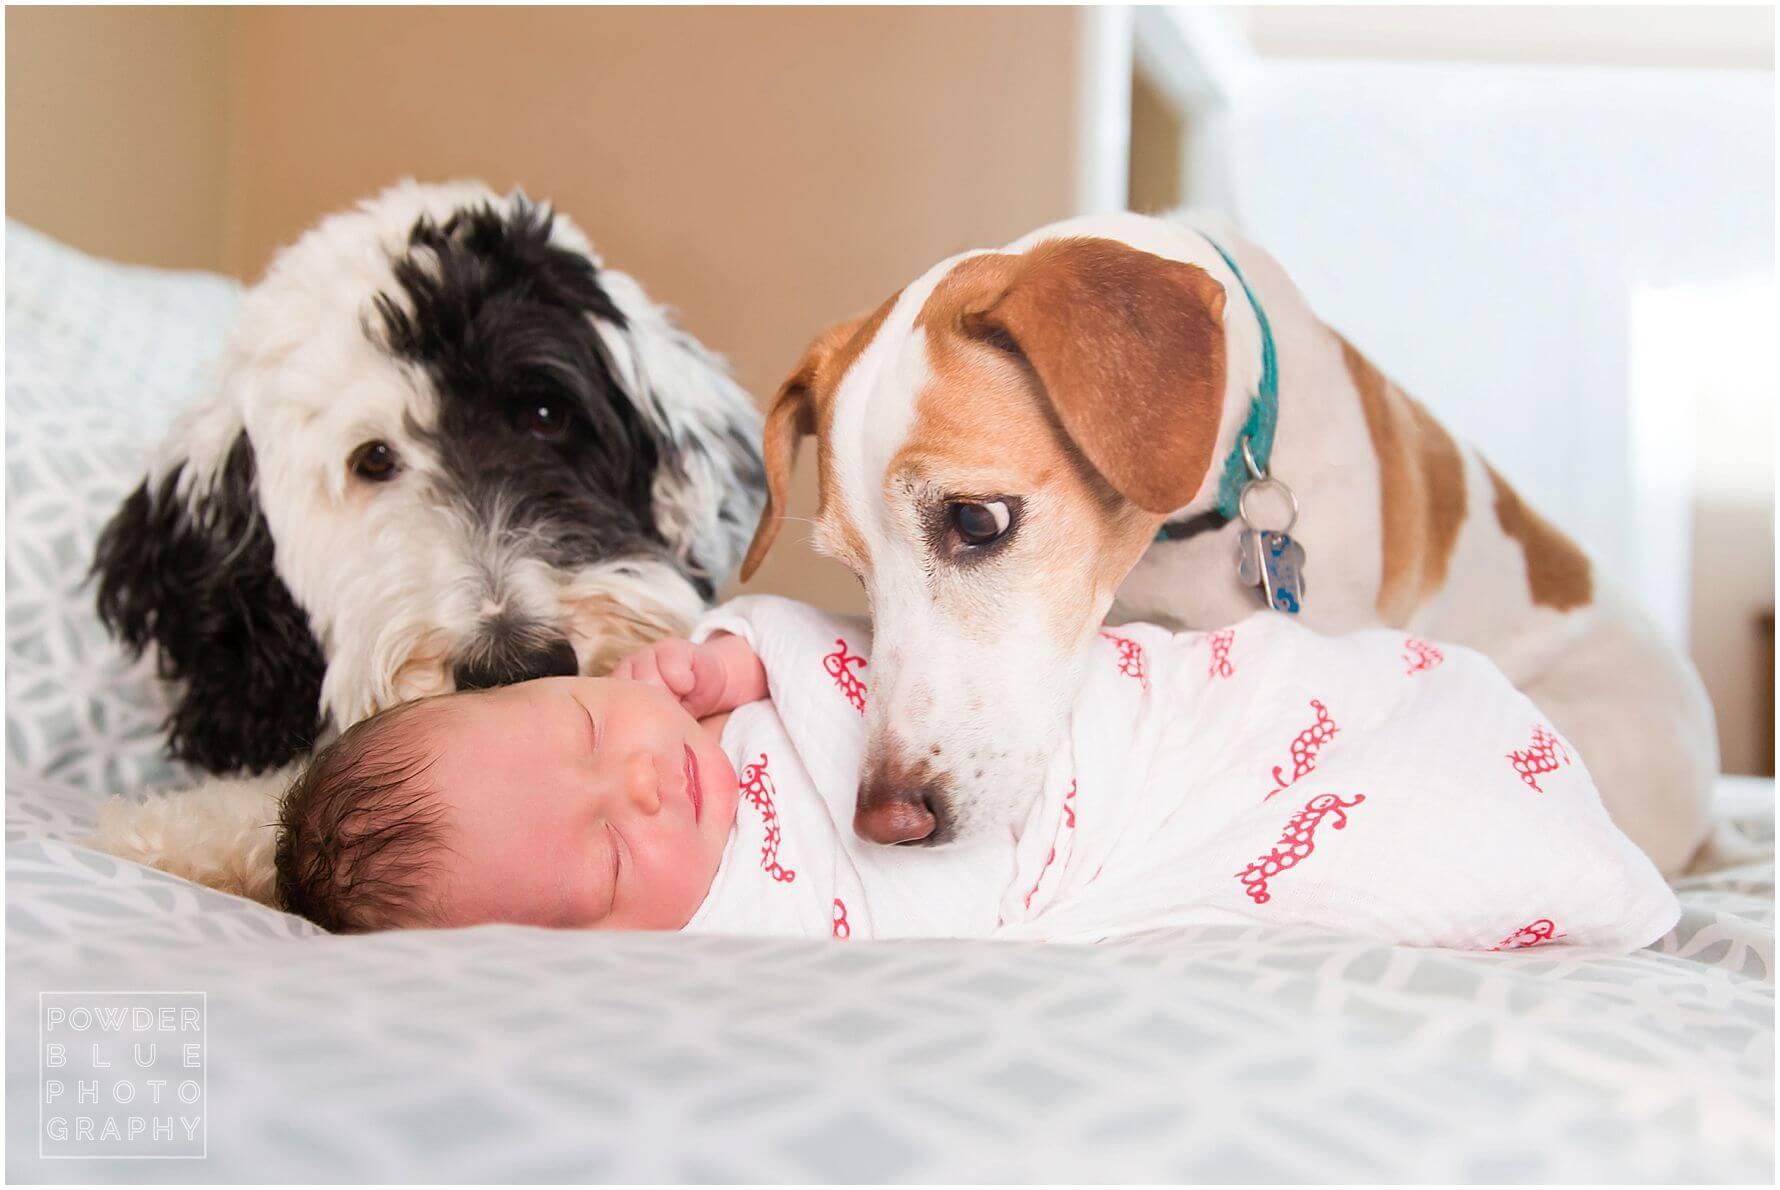 Pittsburgh Newborn Photographer | Baby Anna Rose | Lifestyle Newborn